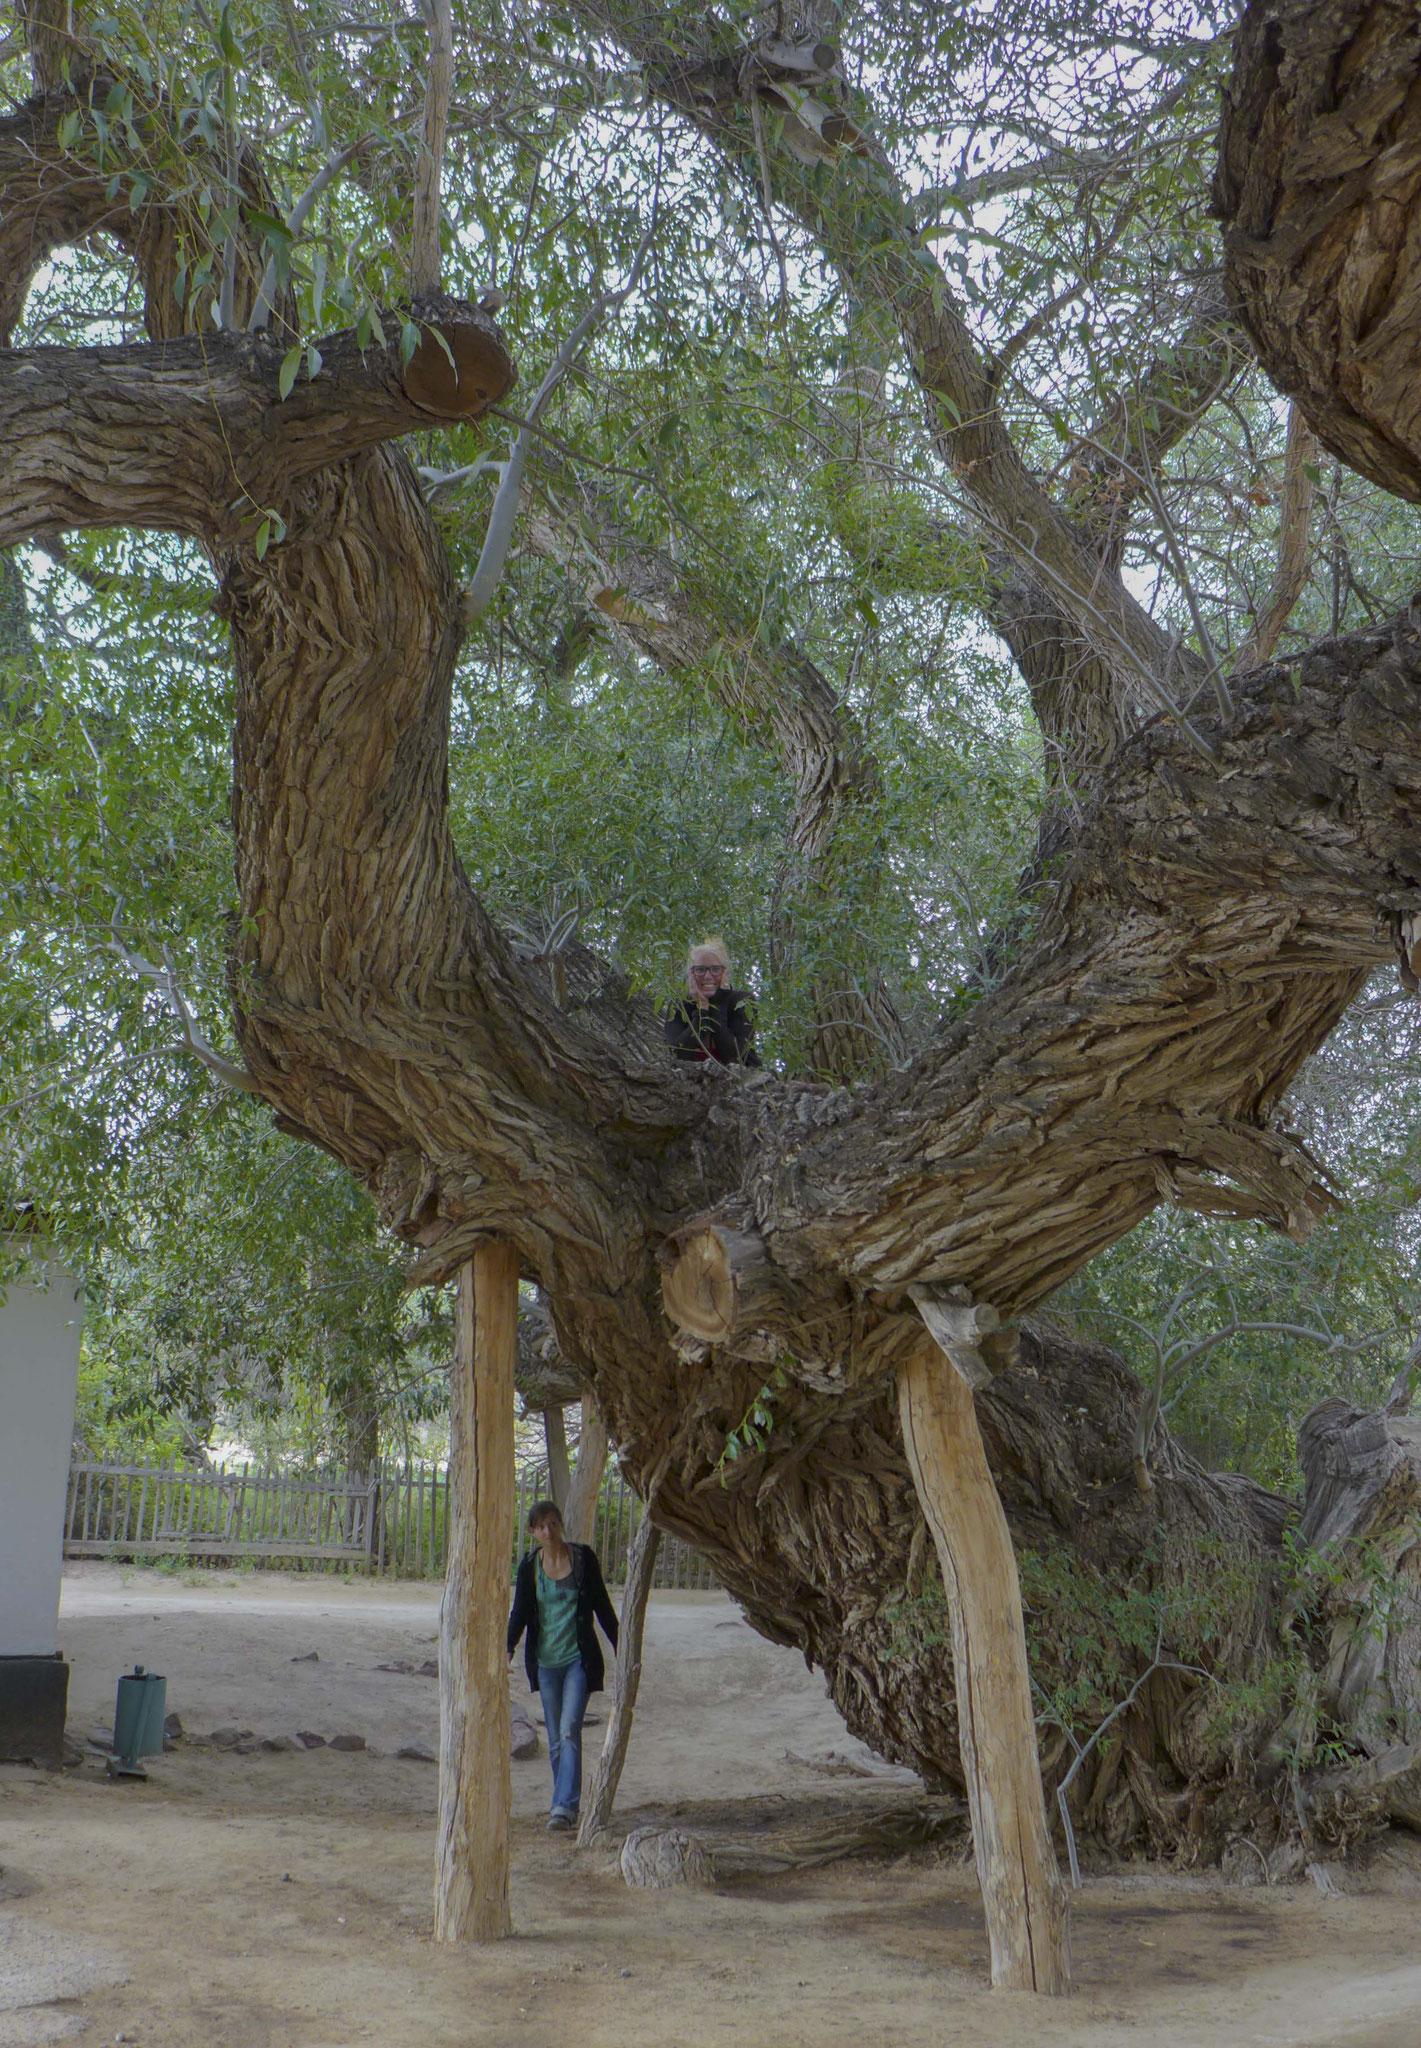 zum 700 Jahre alten Baum.